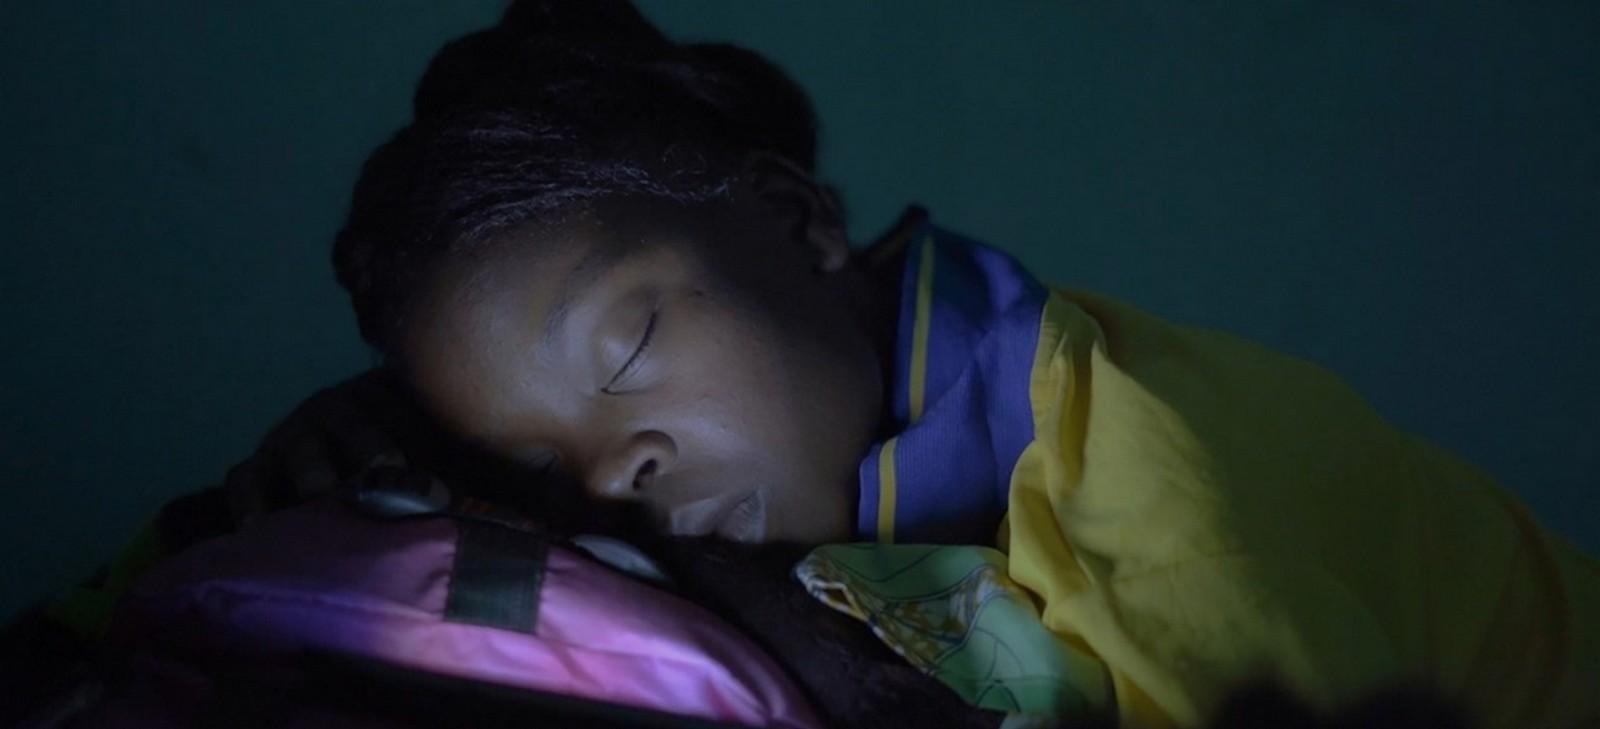 DANEMARK : Le Dernier Refuge d'Ousmane Samassekou, décroche son premier prixà CPH:DOX